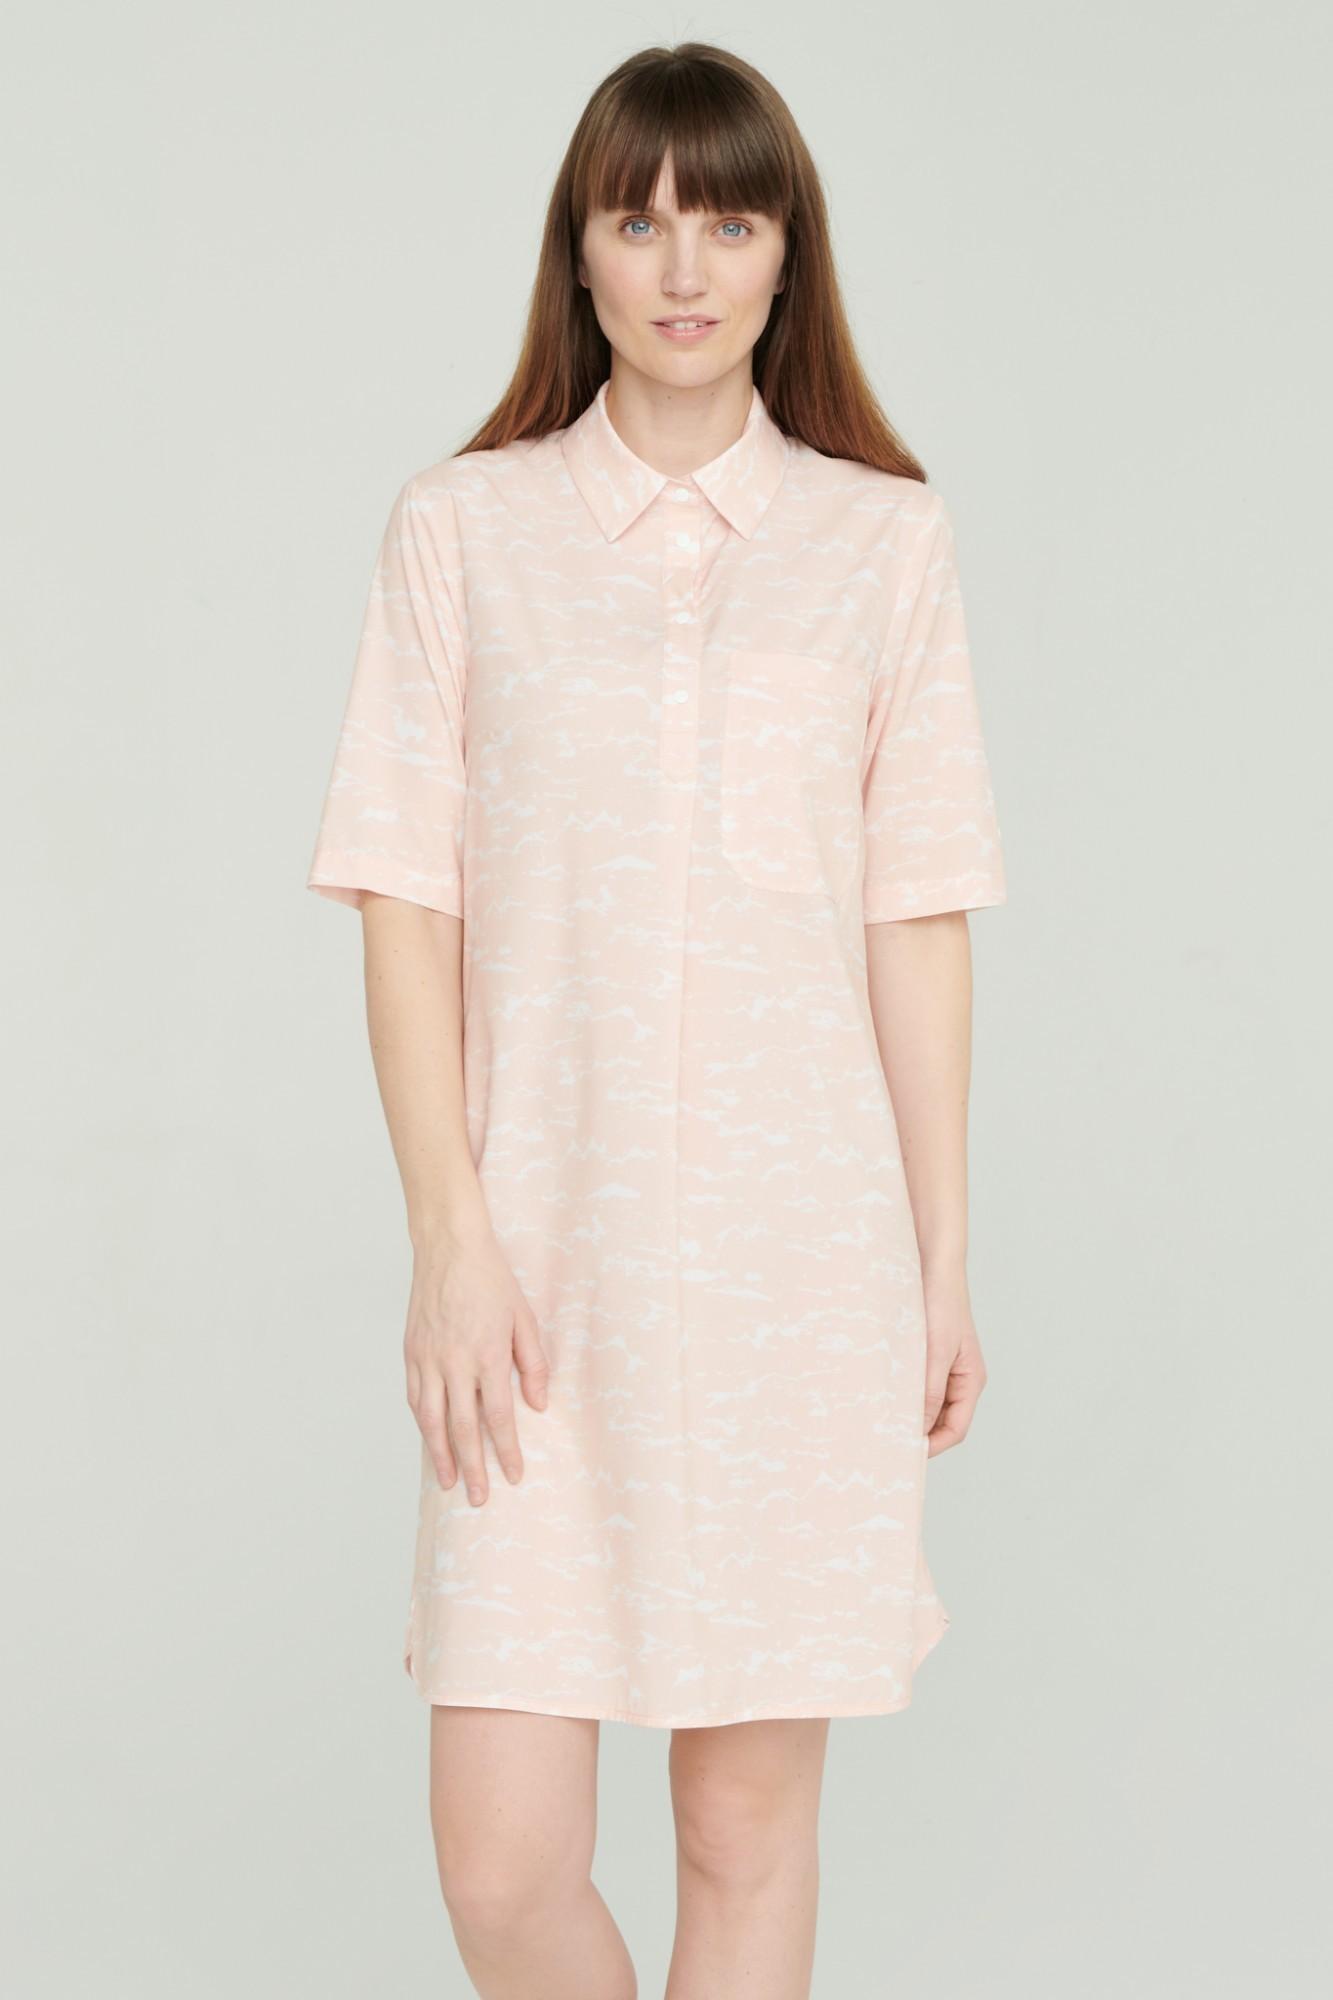 AUDIMAS Neglamži lengvo audinio suknelė 2111-012 Chintz Rose Printed XS